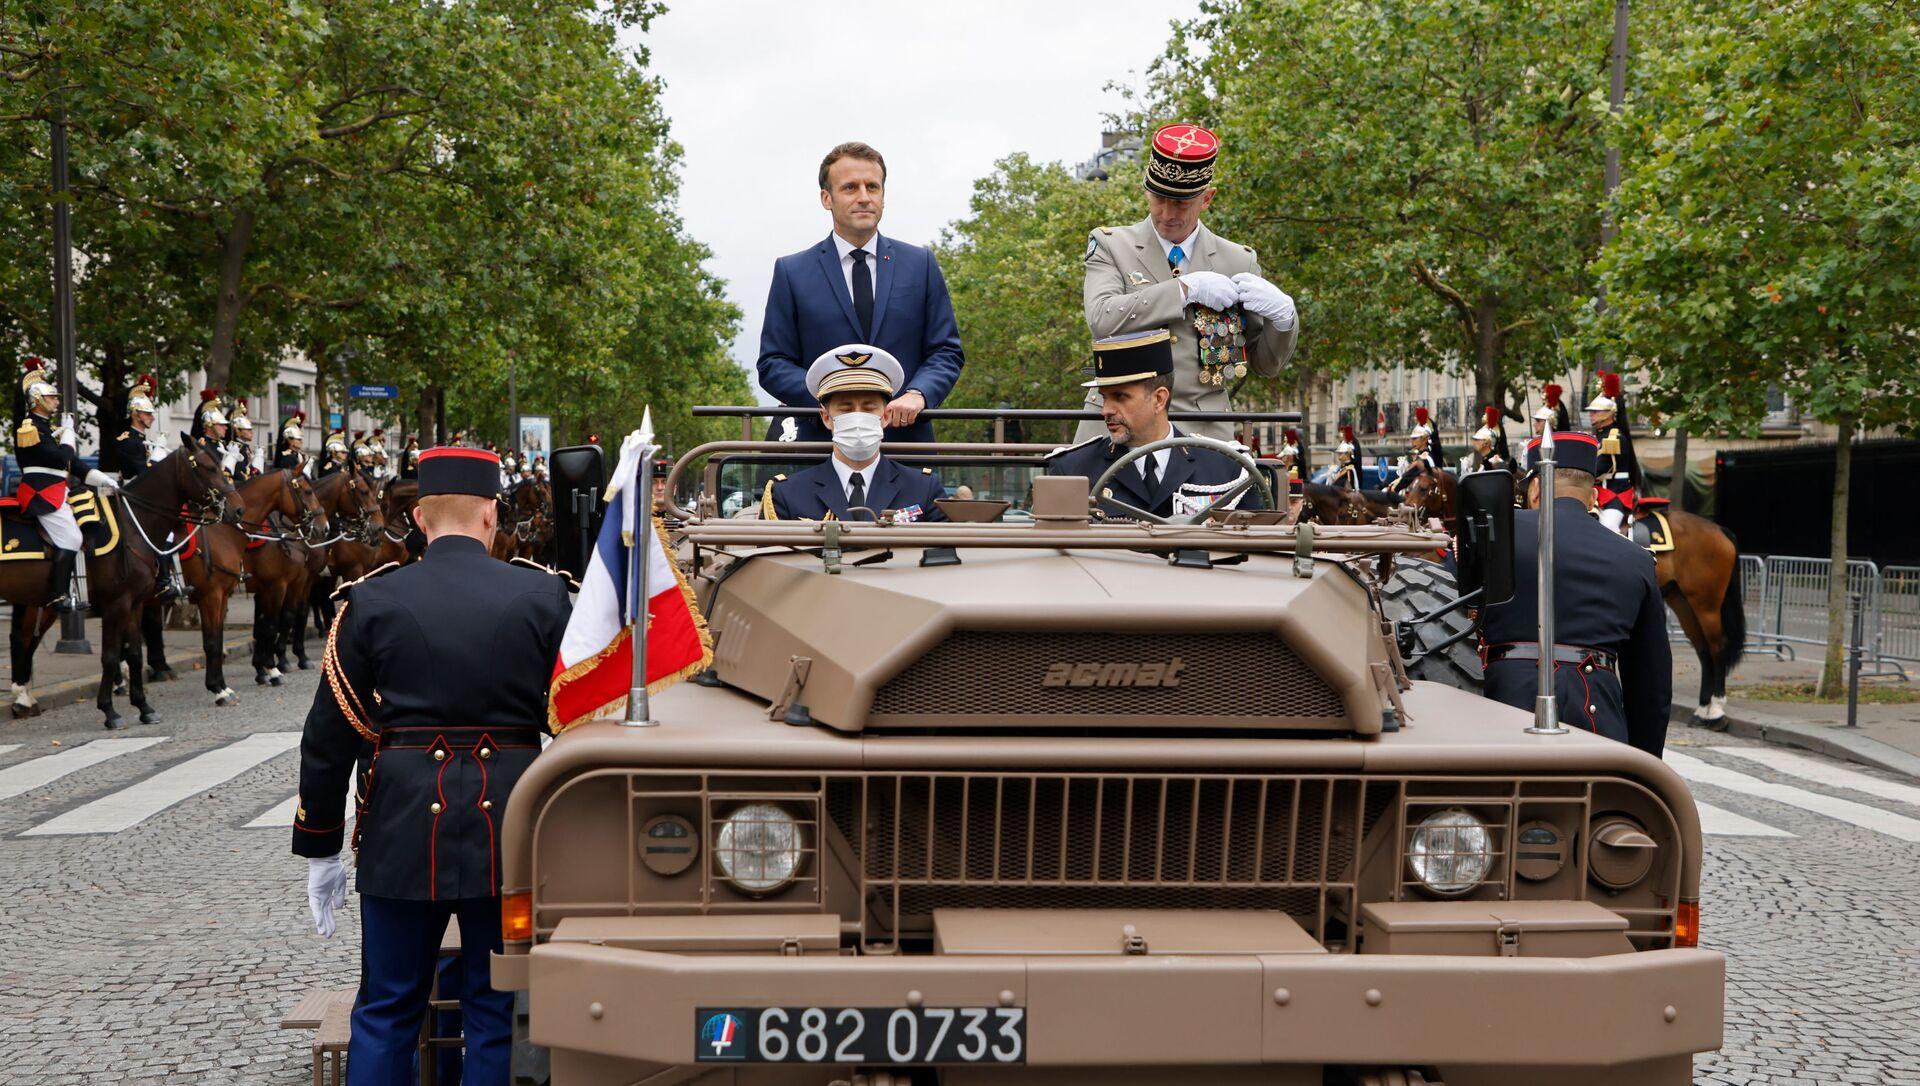 Emmanuel Macron le 14 juillet 2021 - Sputnik France, 1920, 07.09.2021